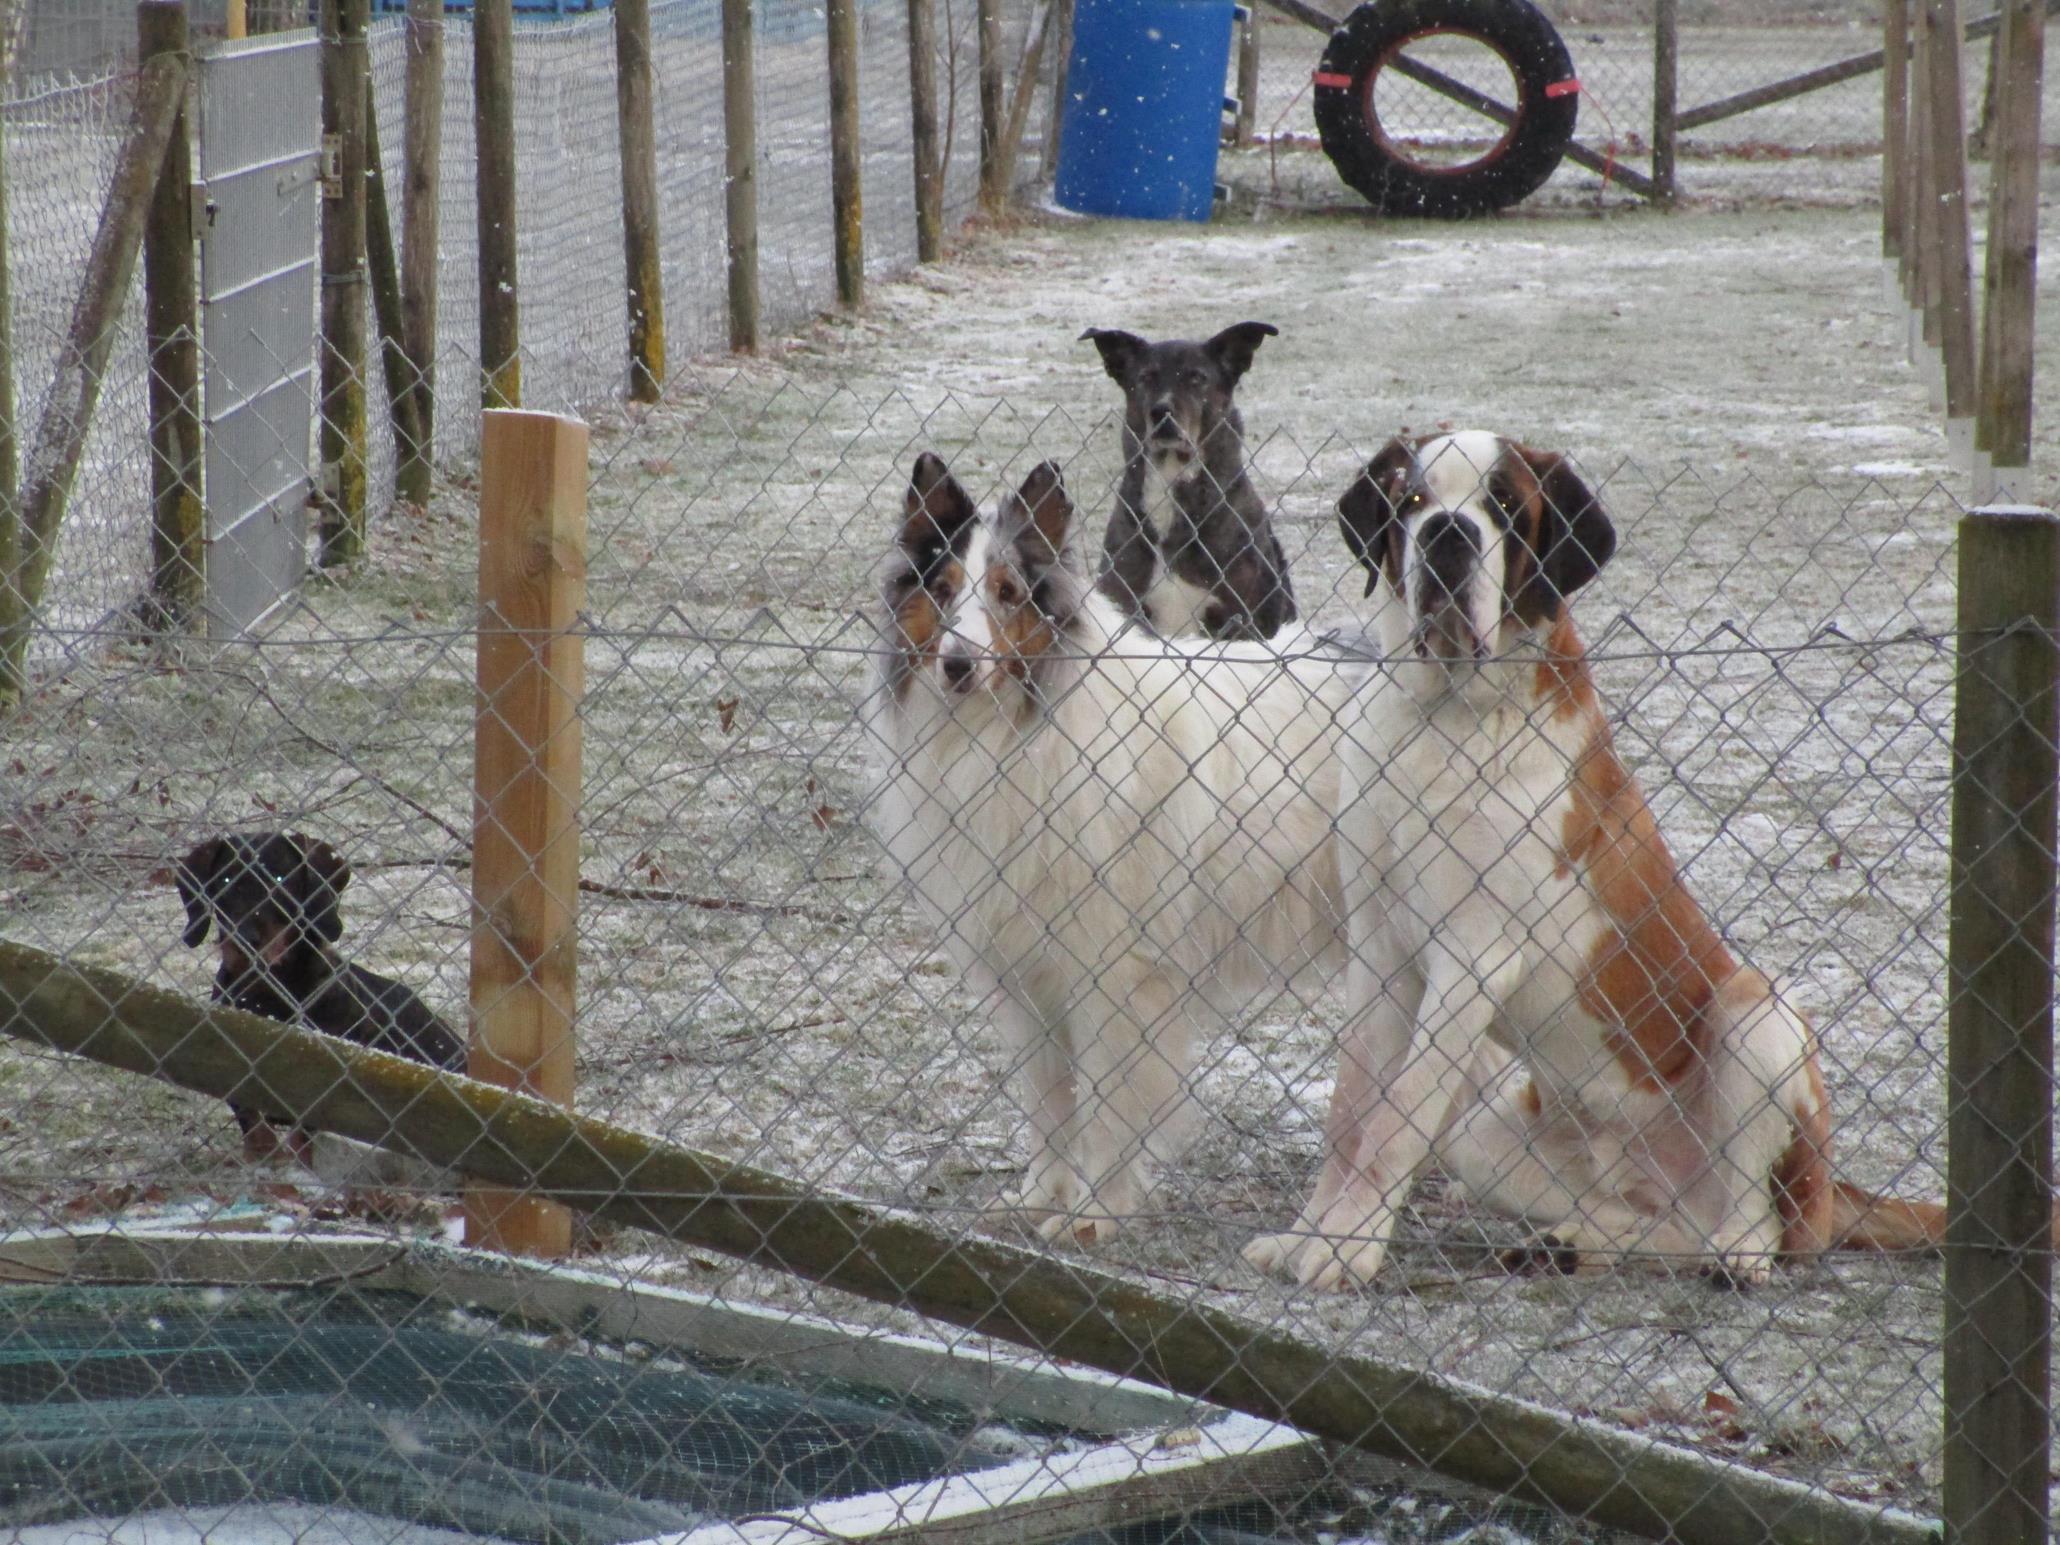 Helferfest der Freunde von der Hundeschule Crazy Dogs in Waldstetten im Landkreis Günzburg